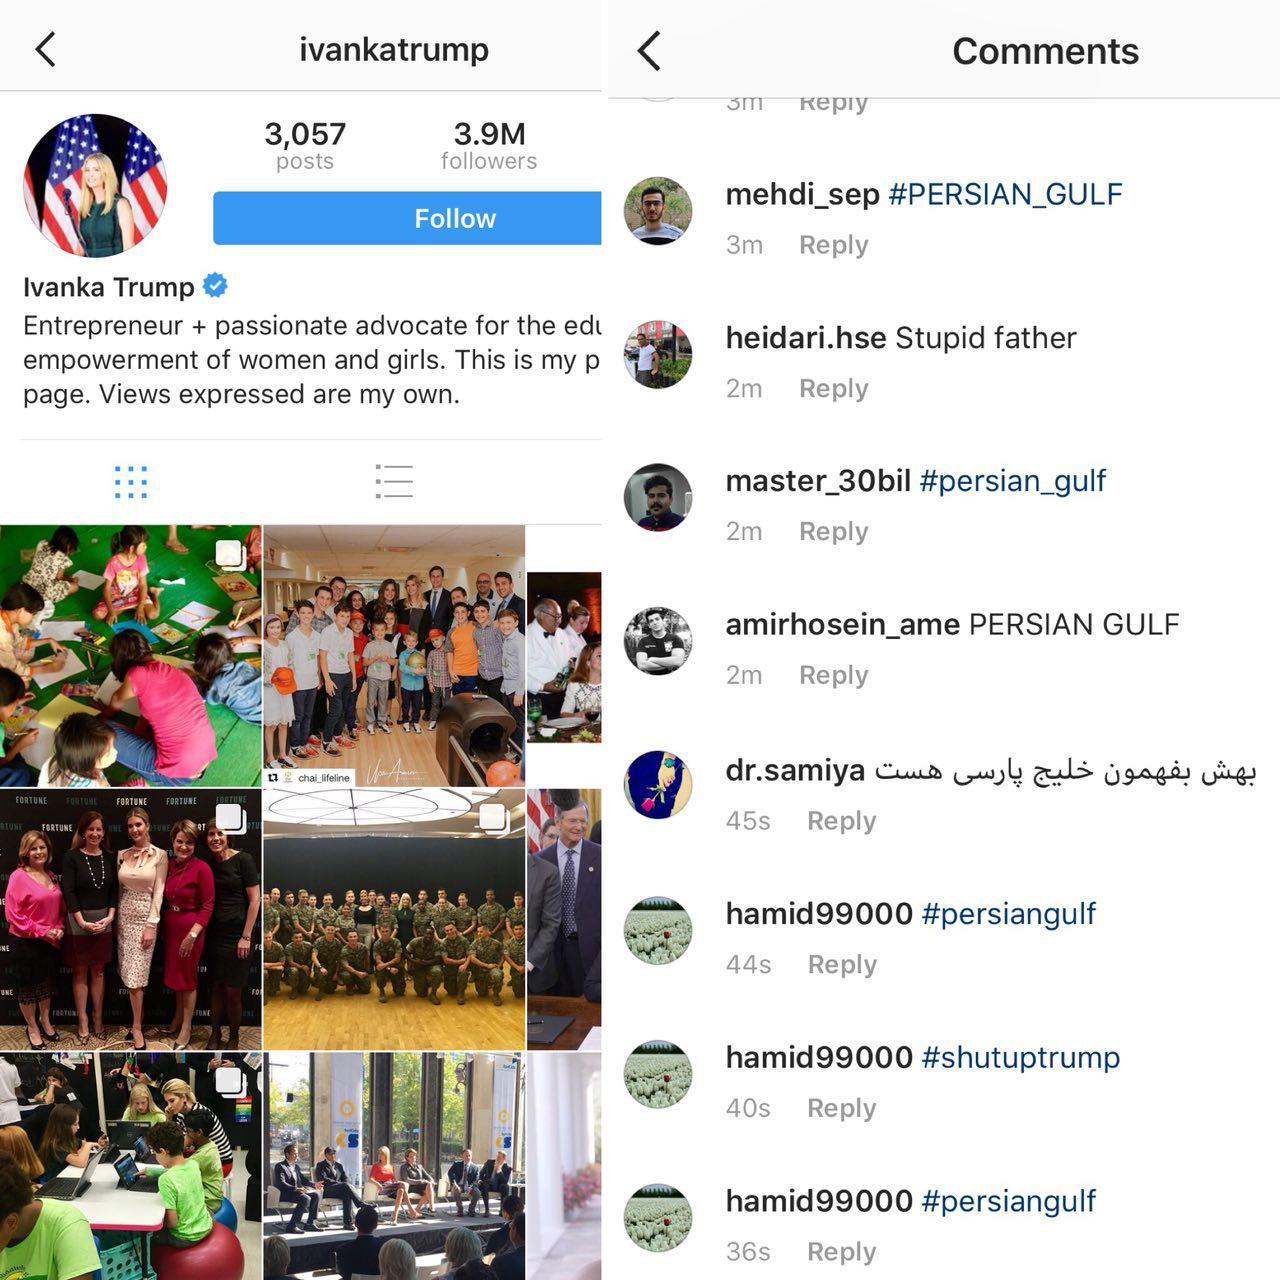 هجوم کاربران ایرانی به اینستاگرام دختر ترامپ (عکس)